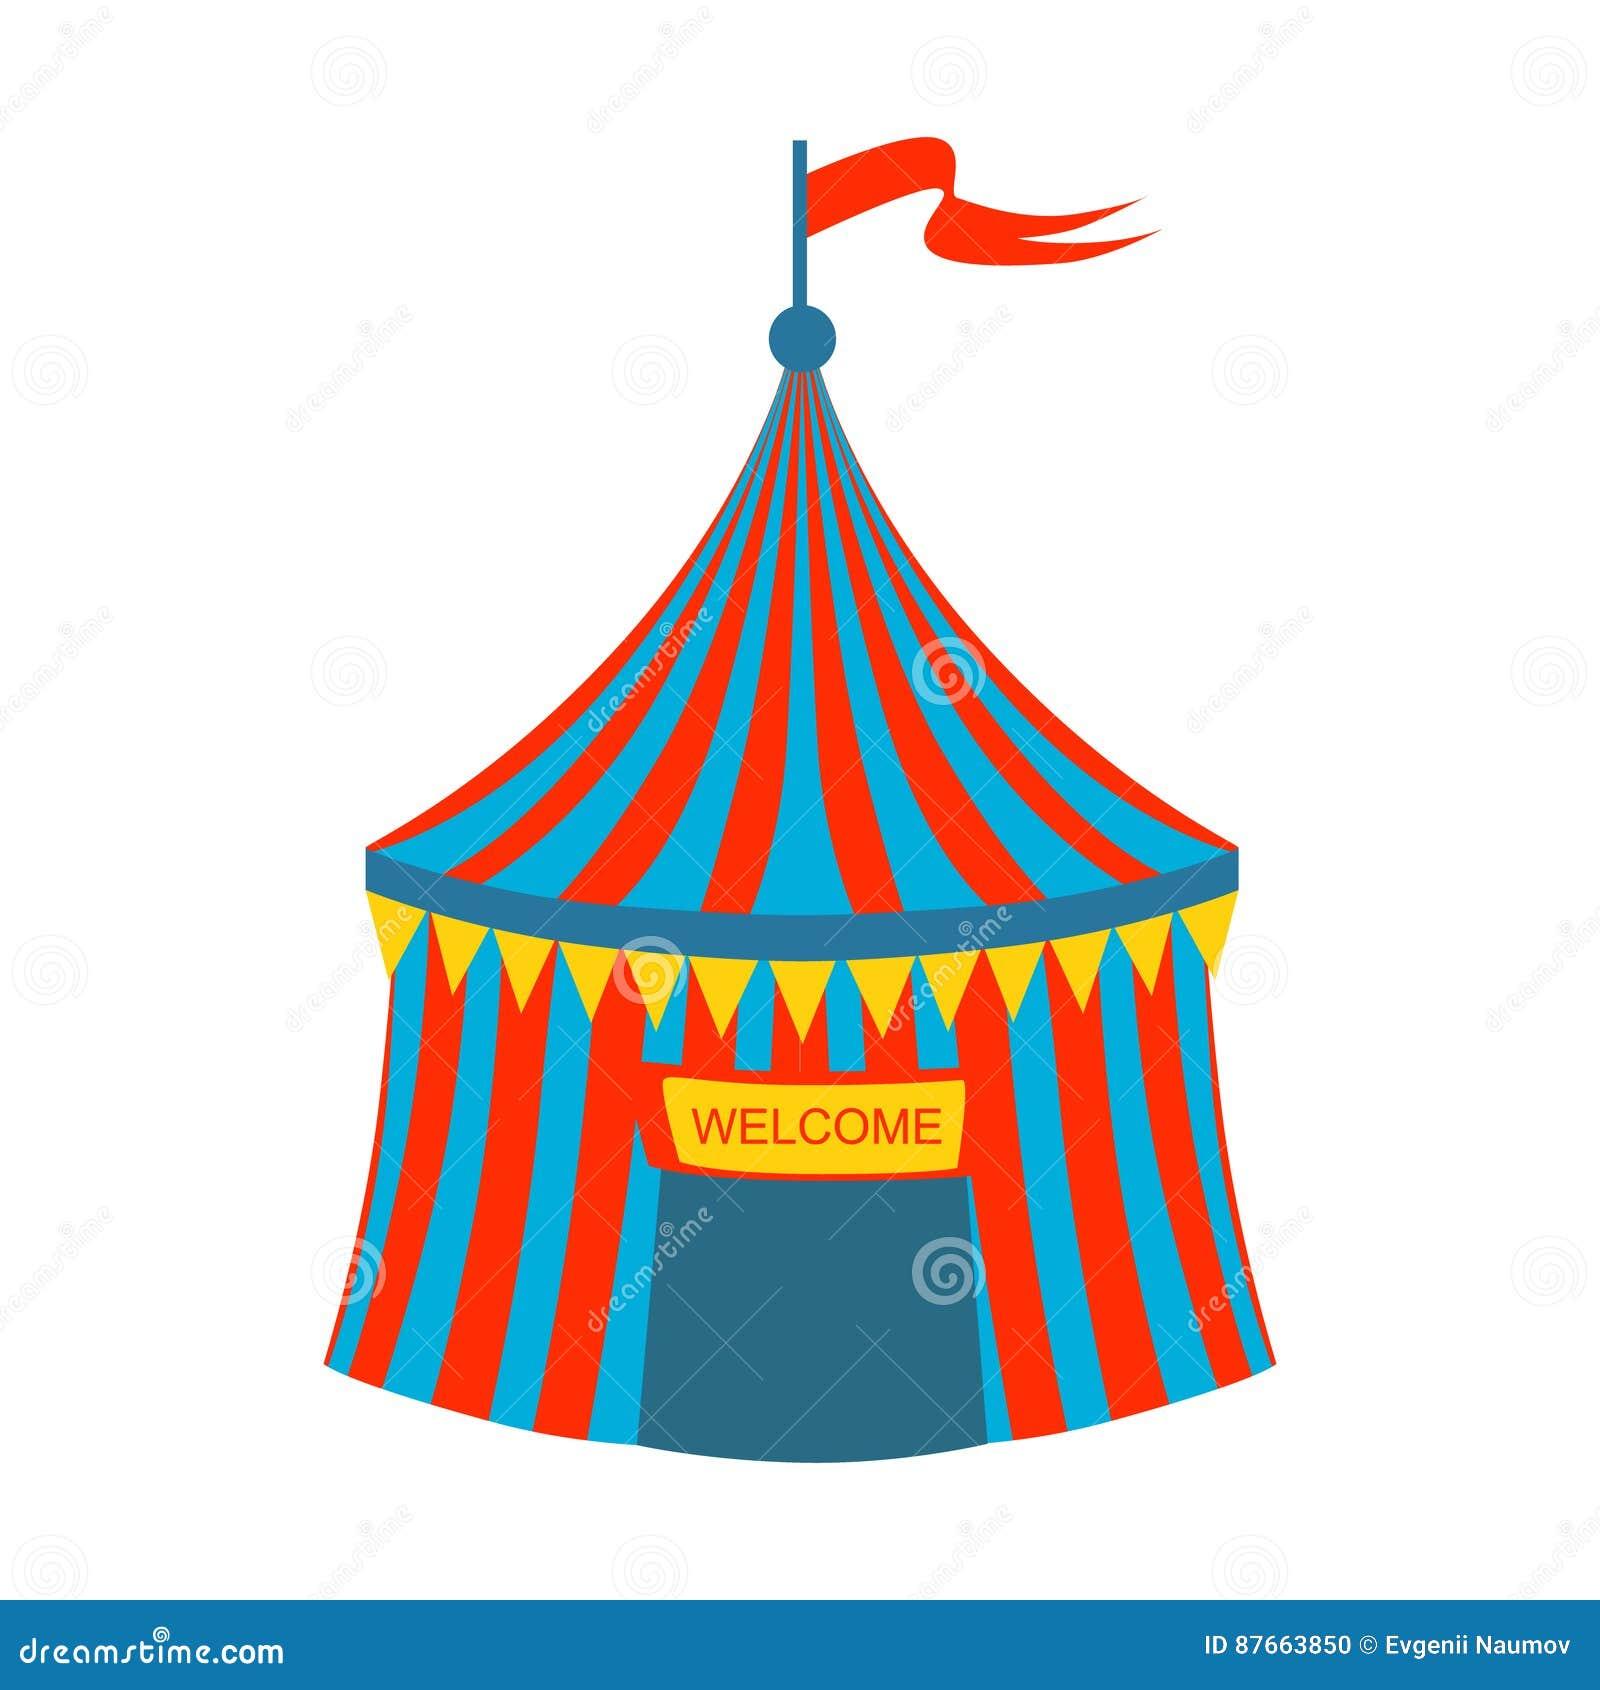 Blaues und rotes gestreiftes Zirkus-Zelt, Teil des Vergnügungsparks und angemessene Reihe flache Karikatur-Illustrationen